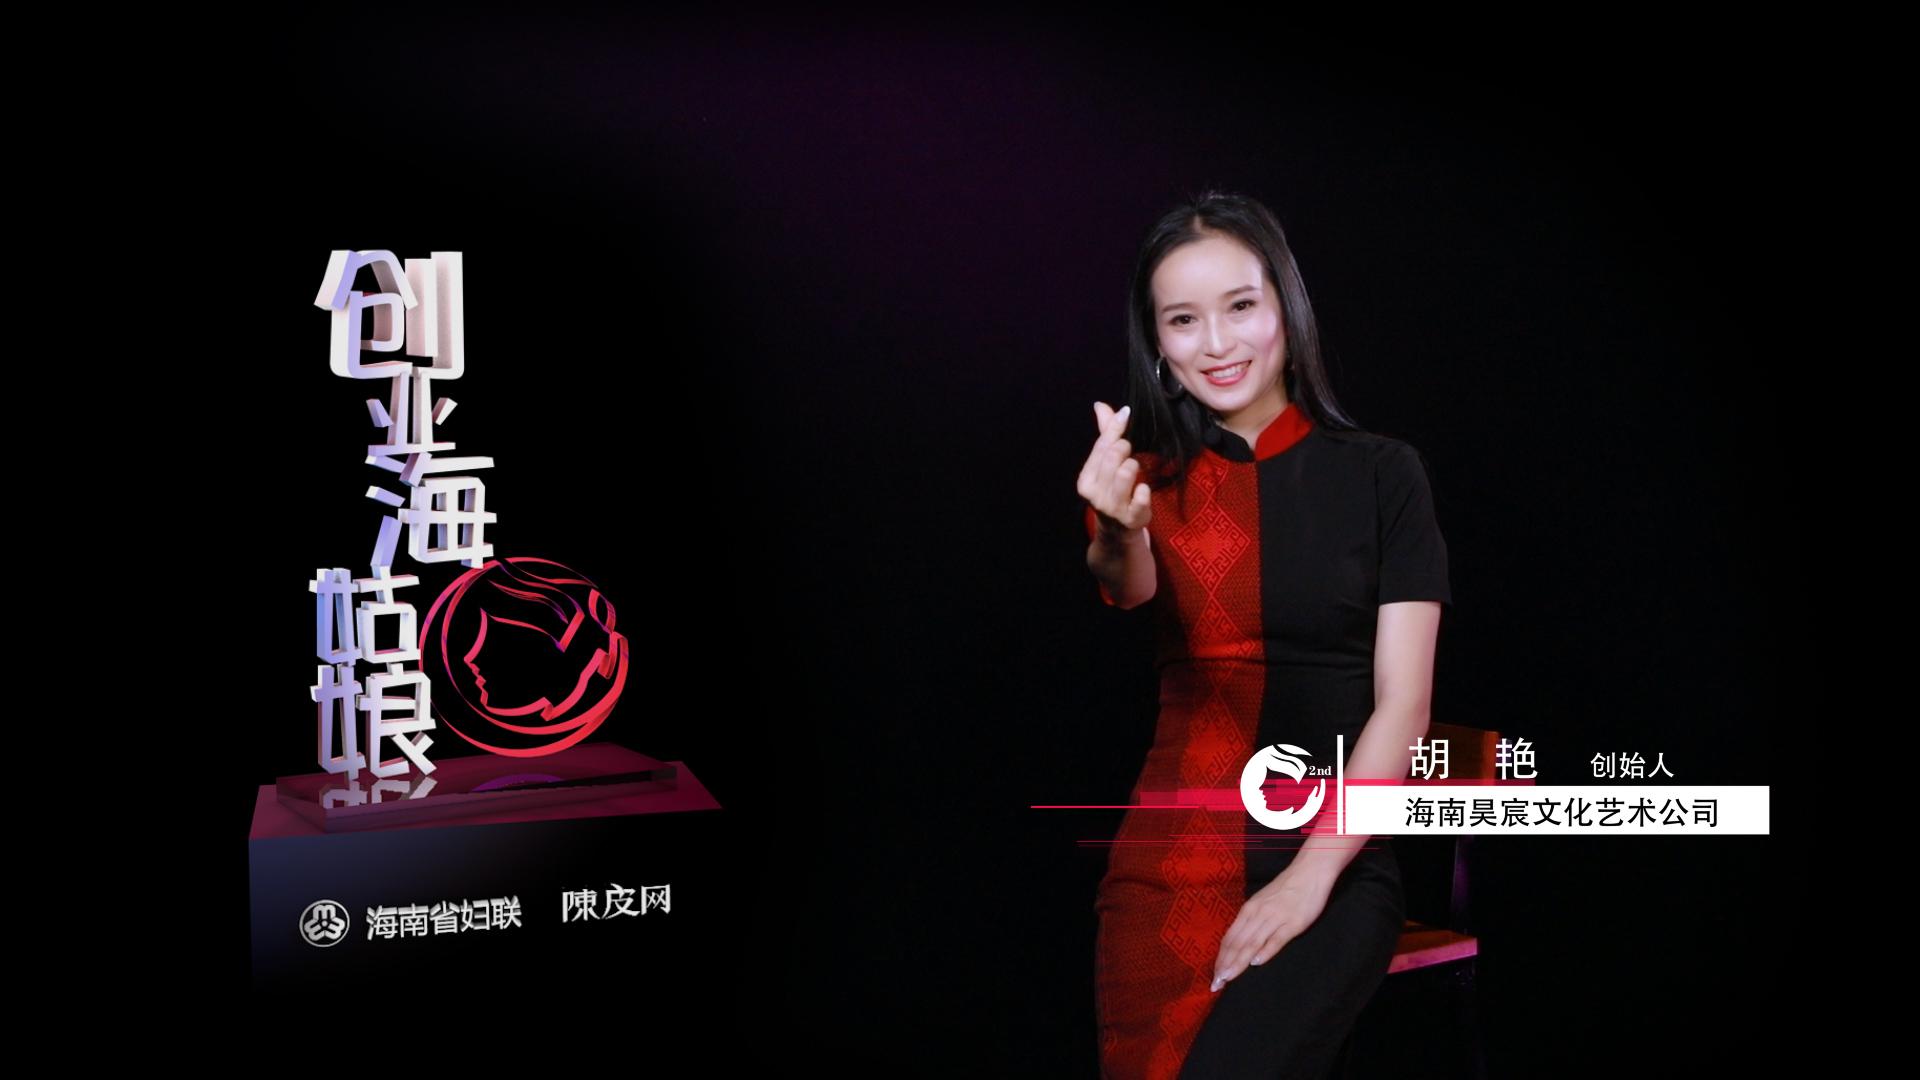 创业海姑娘|黎人文化卓书颜 新方式传承民俗文化